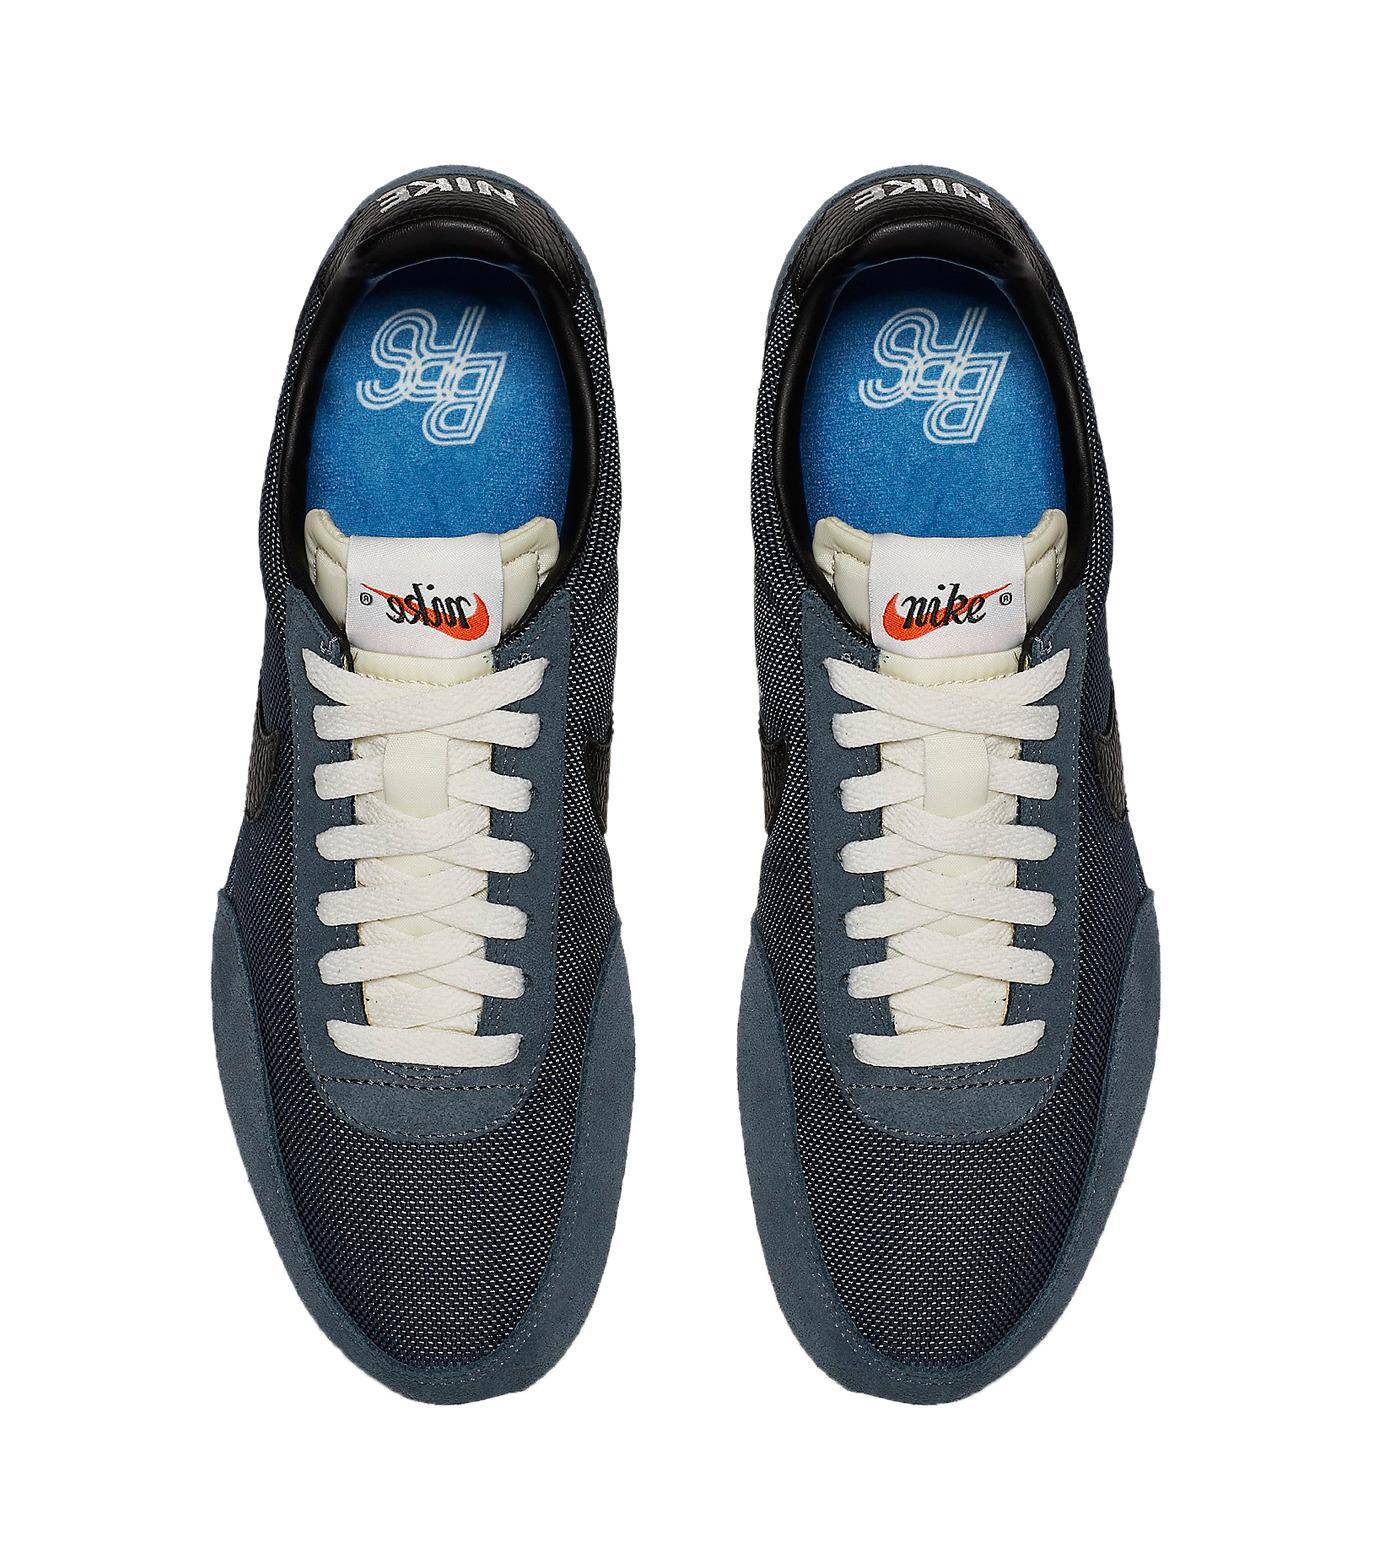 NIKE(ナイキ)のROSHE DBREAK NM-NAVY(シューズ/shoes)-826666-400-93 拡大詳細画像4